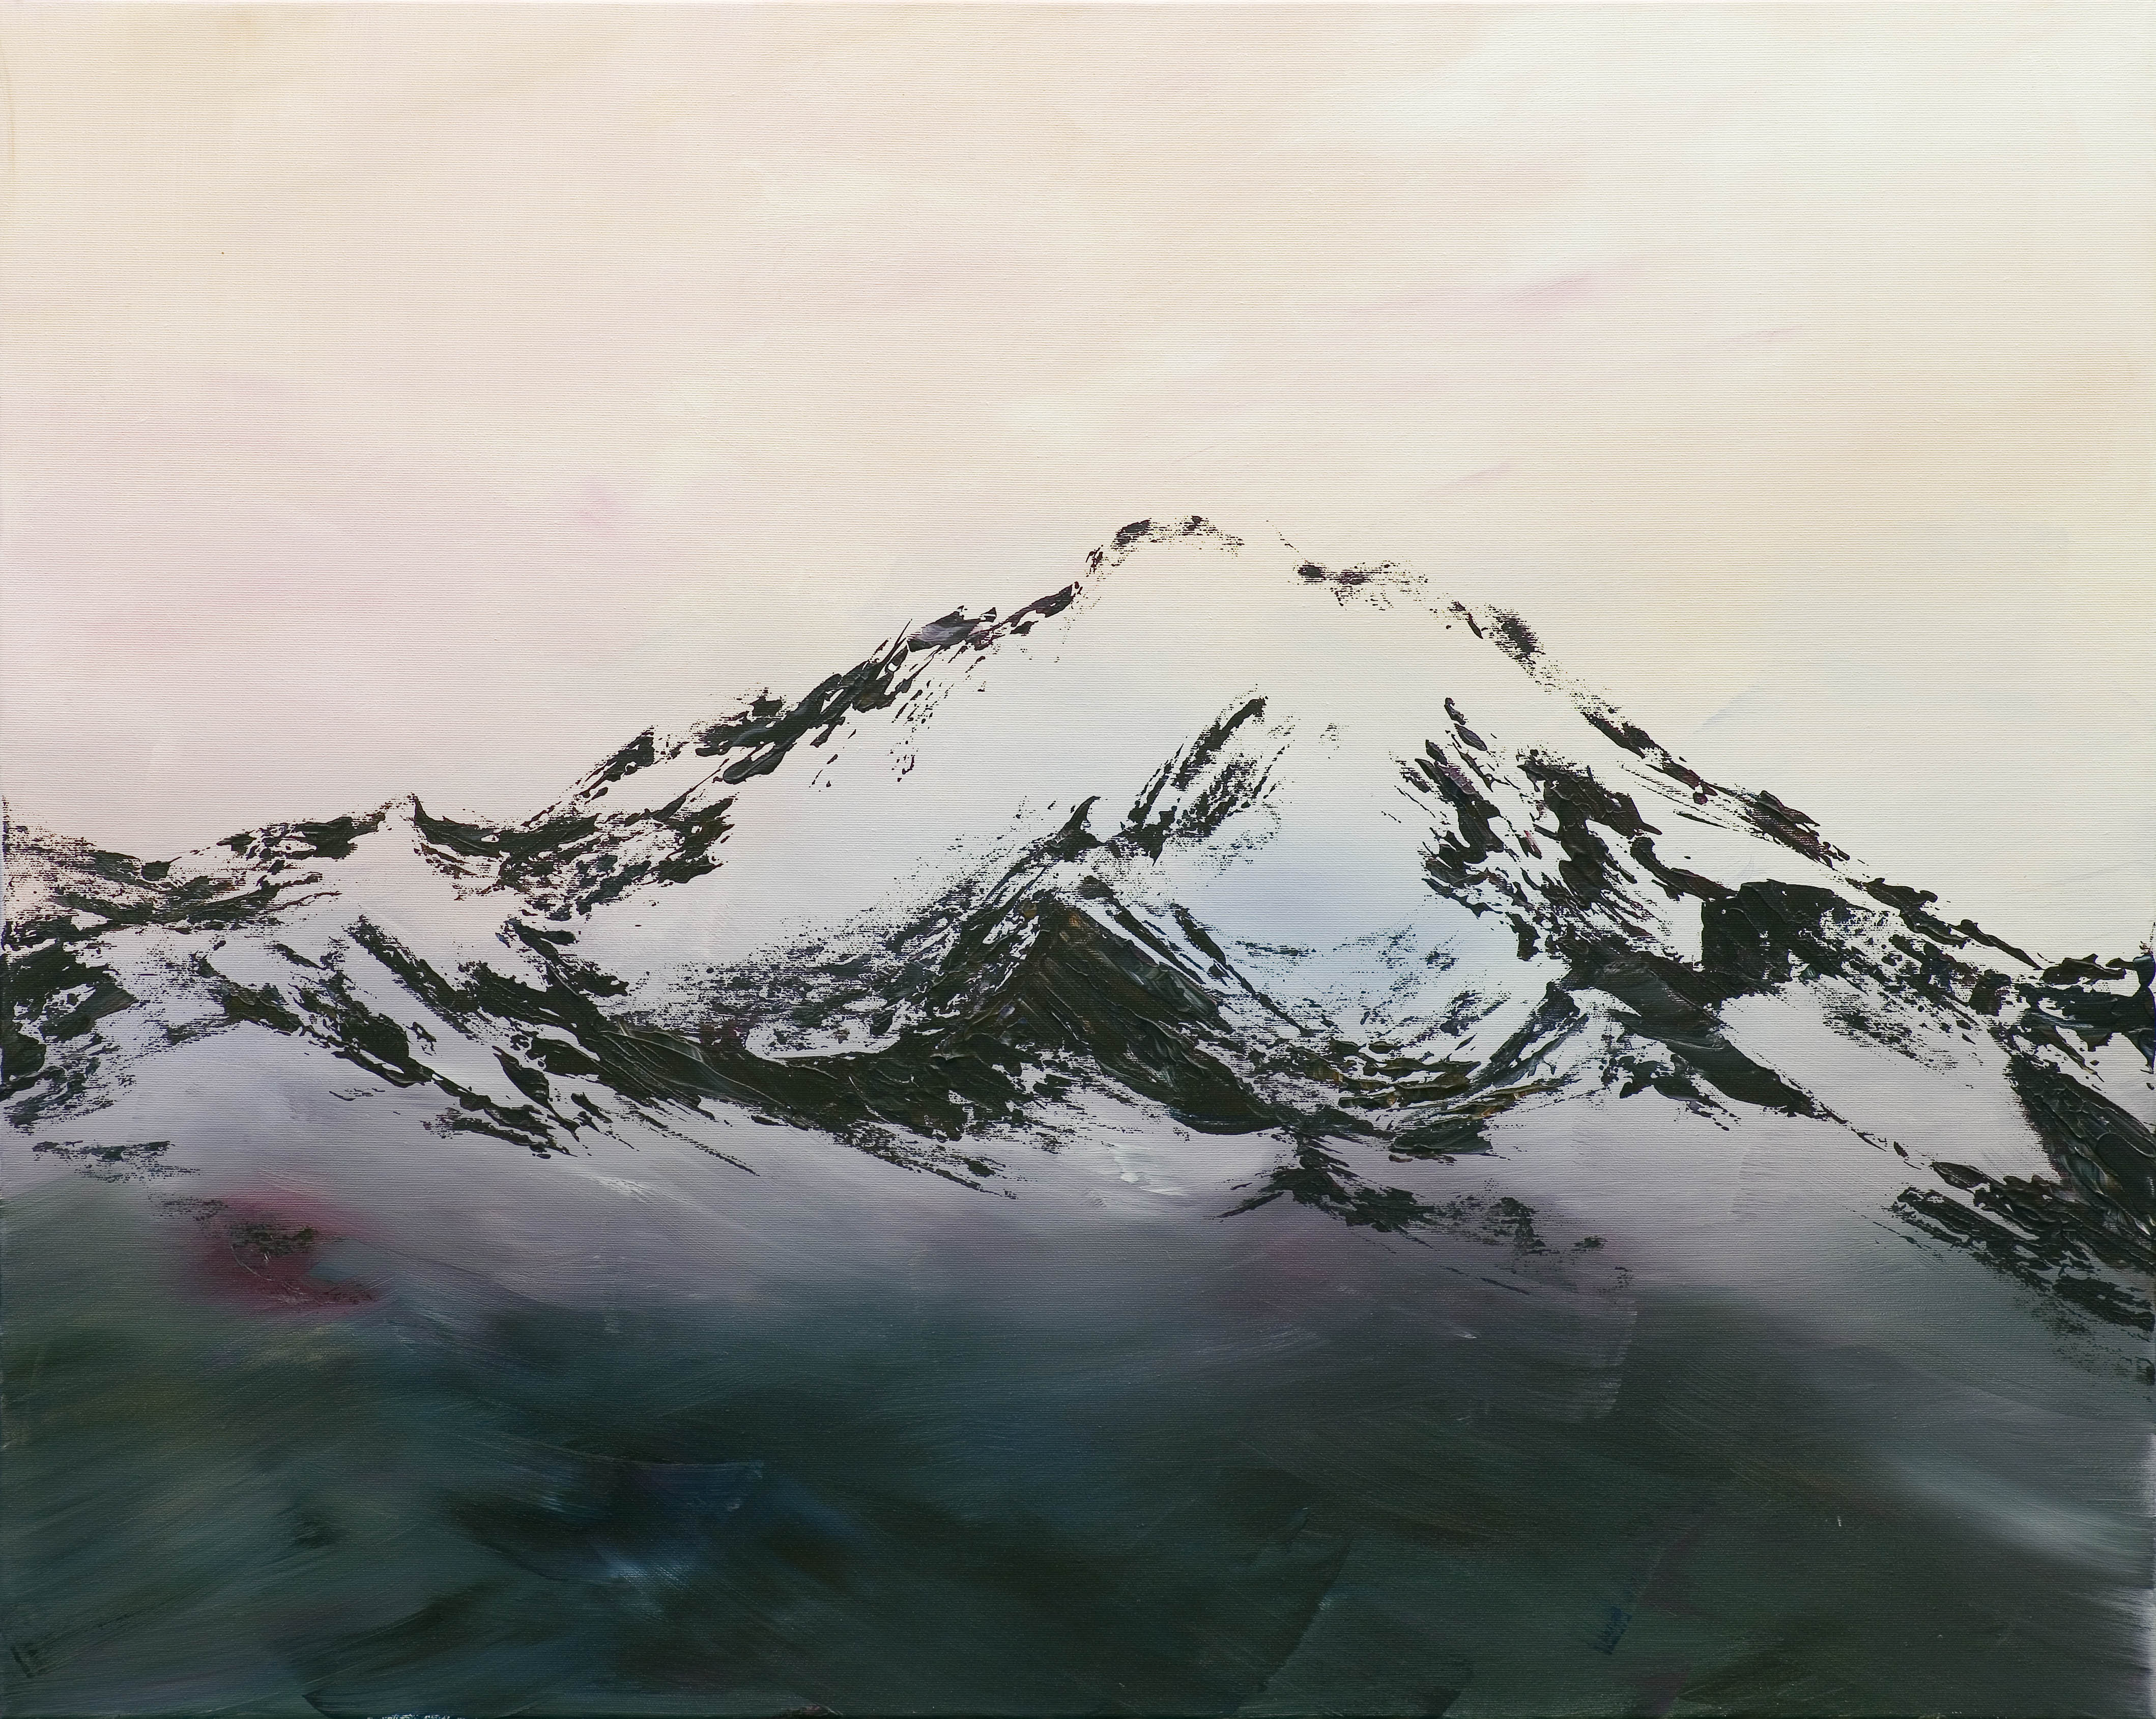 Foggy mountains, 2019